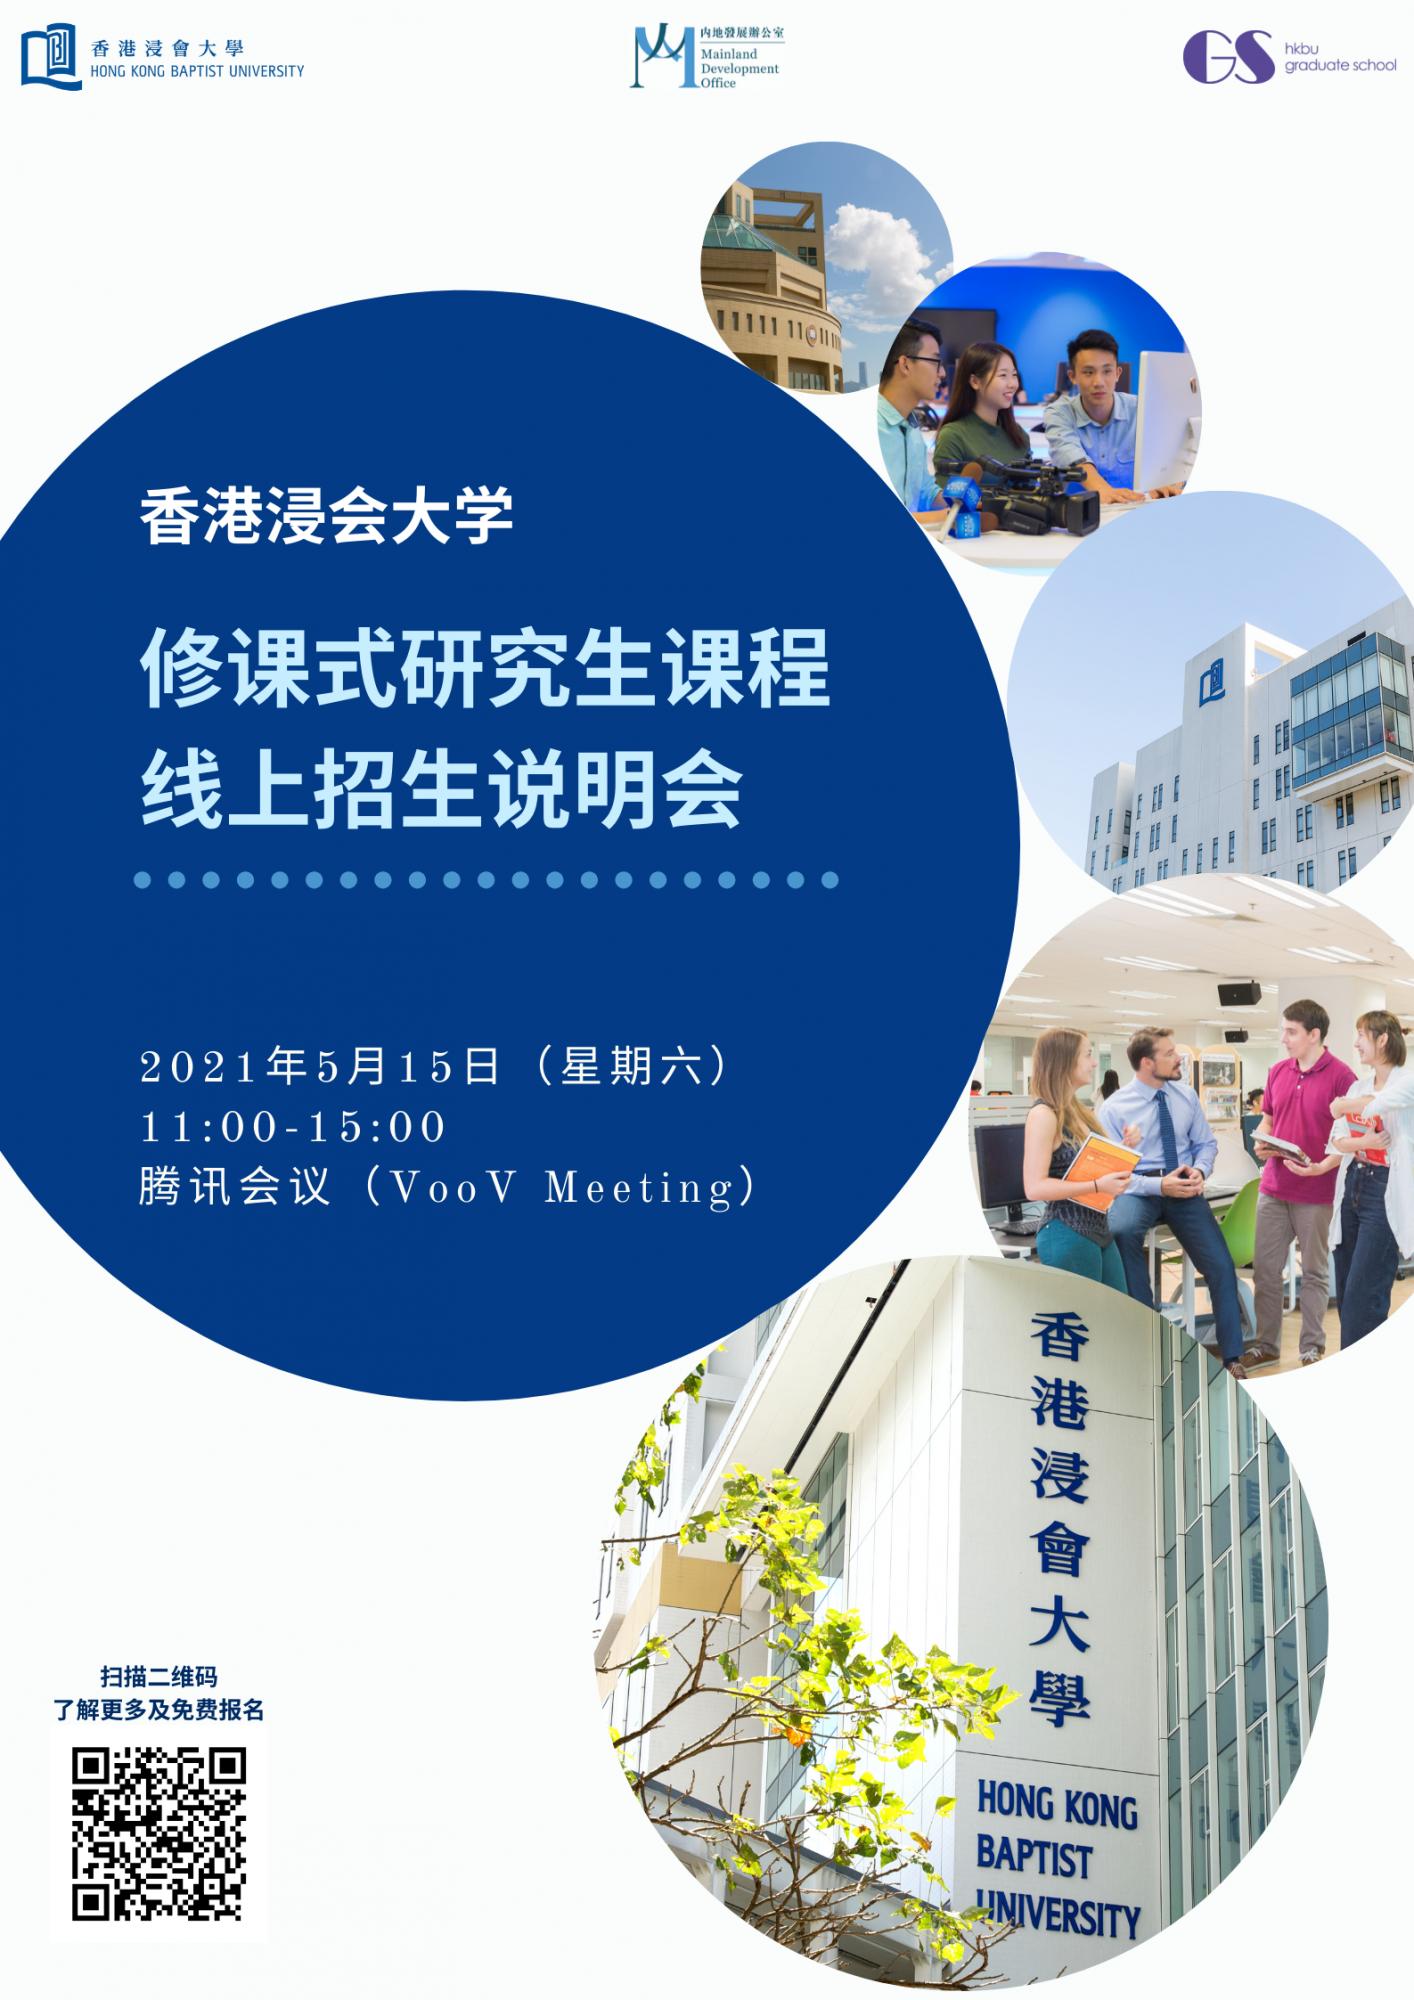 香港浸會大學修課式研究生課程線上招生說明會